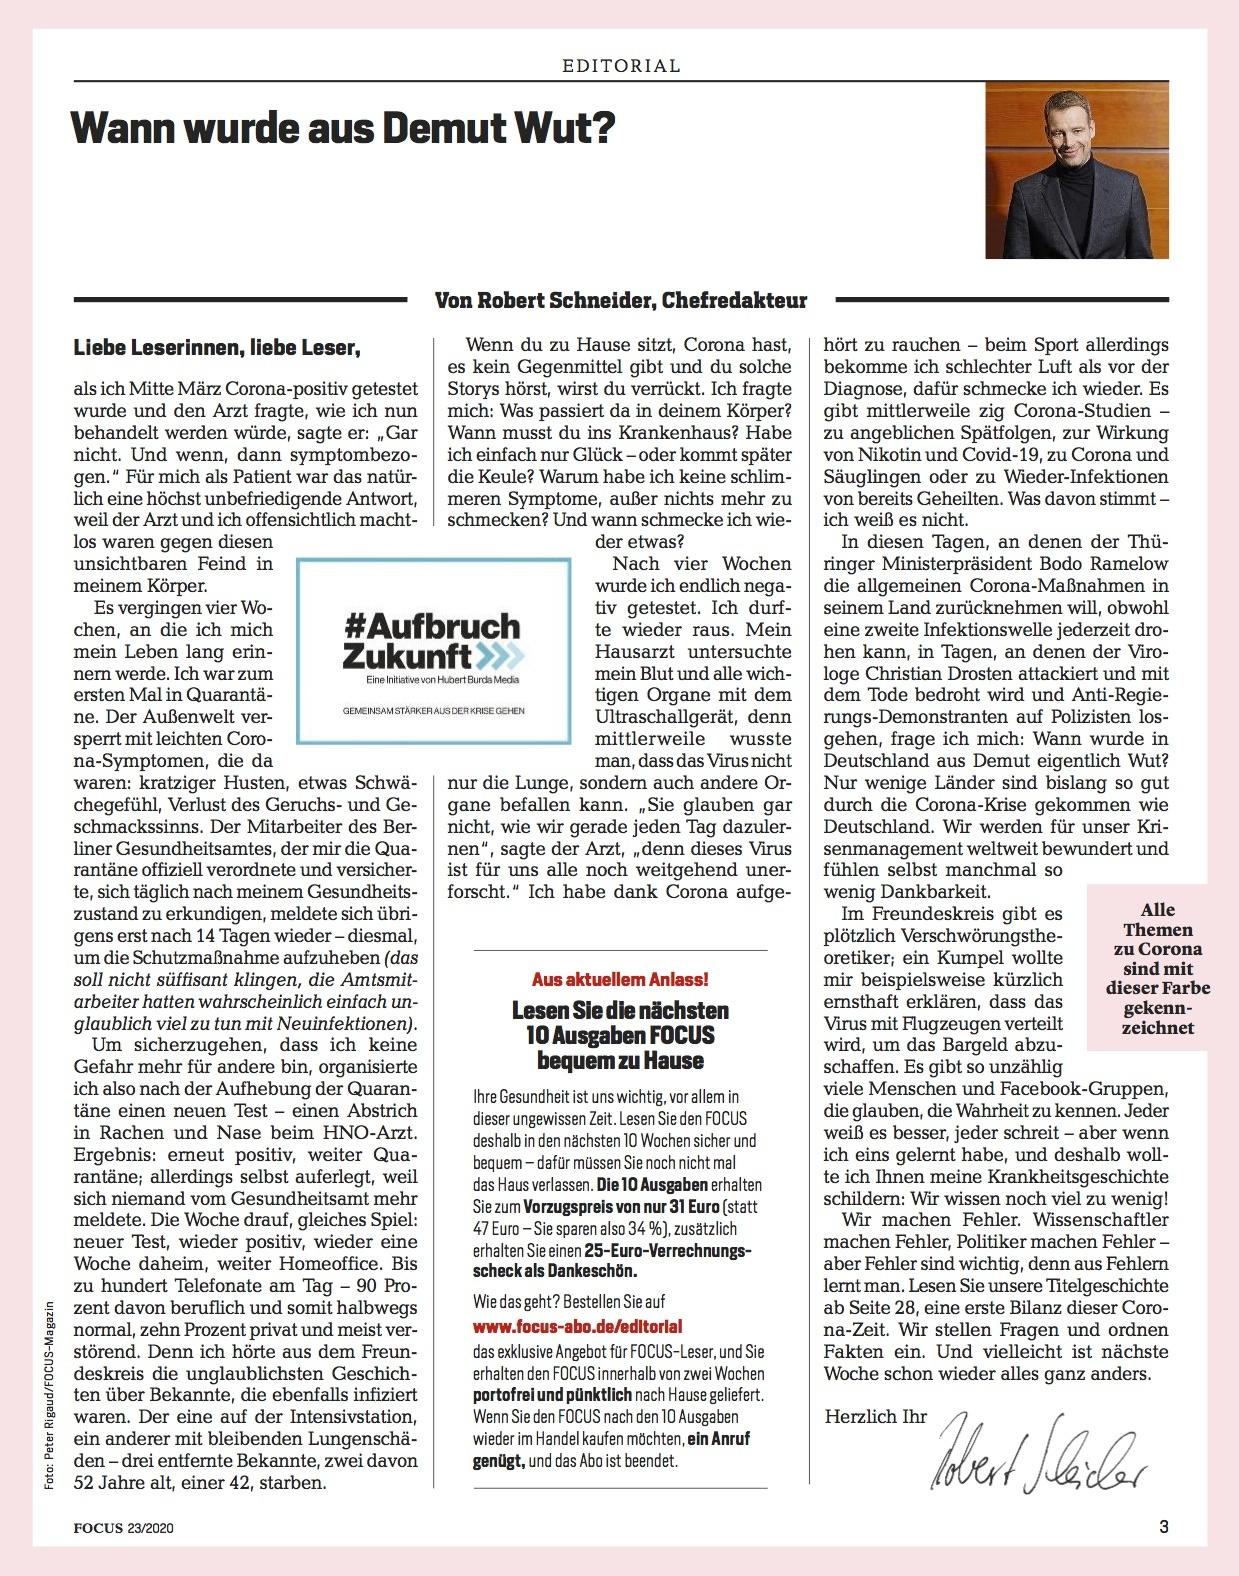 FOCUS Magazin FOCUS Magazin - Haben wir überreagiert?